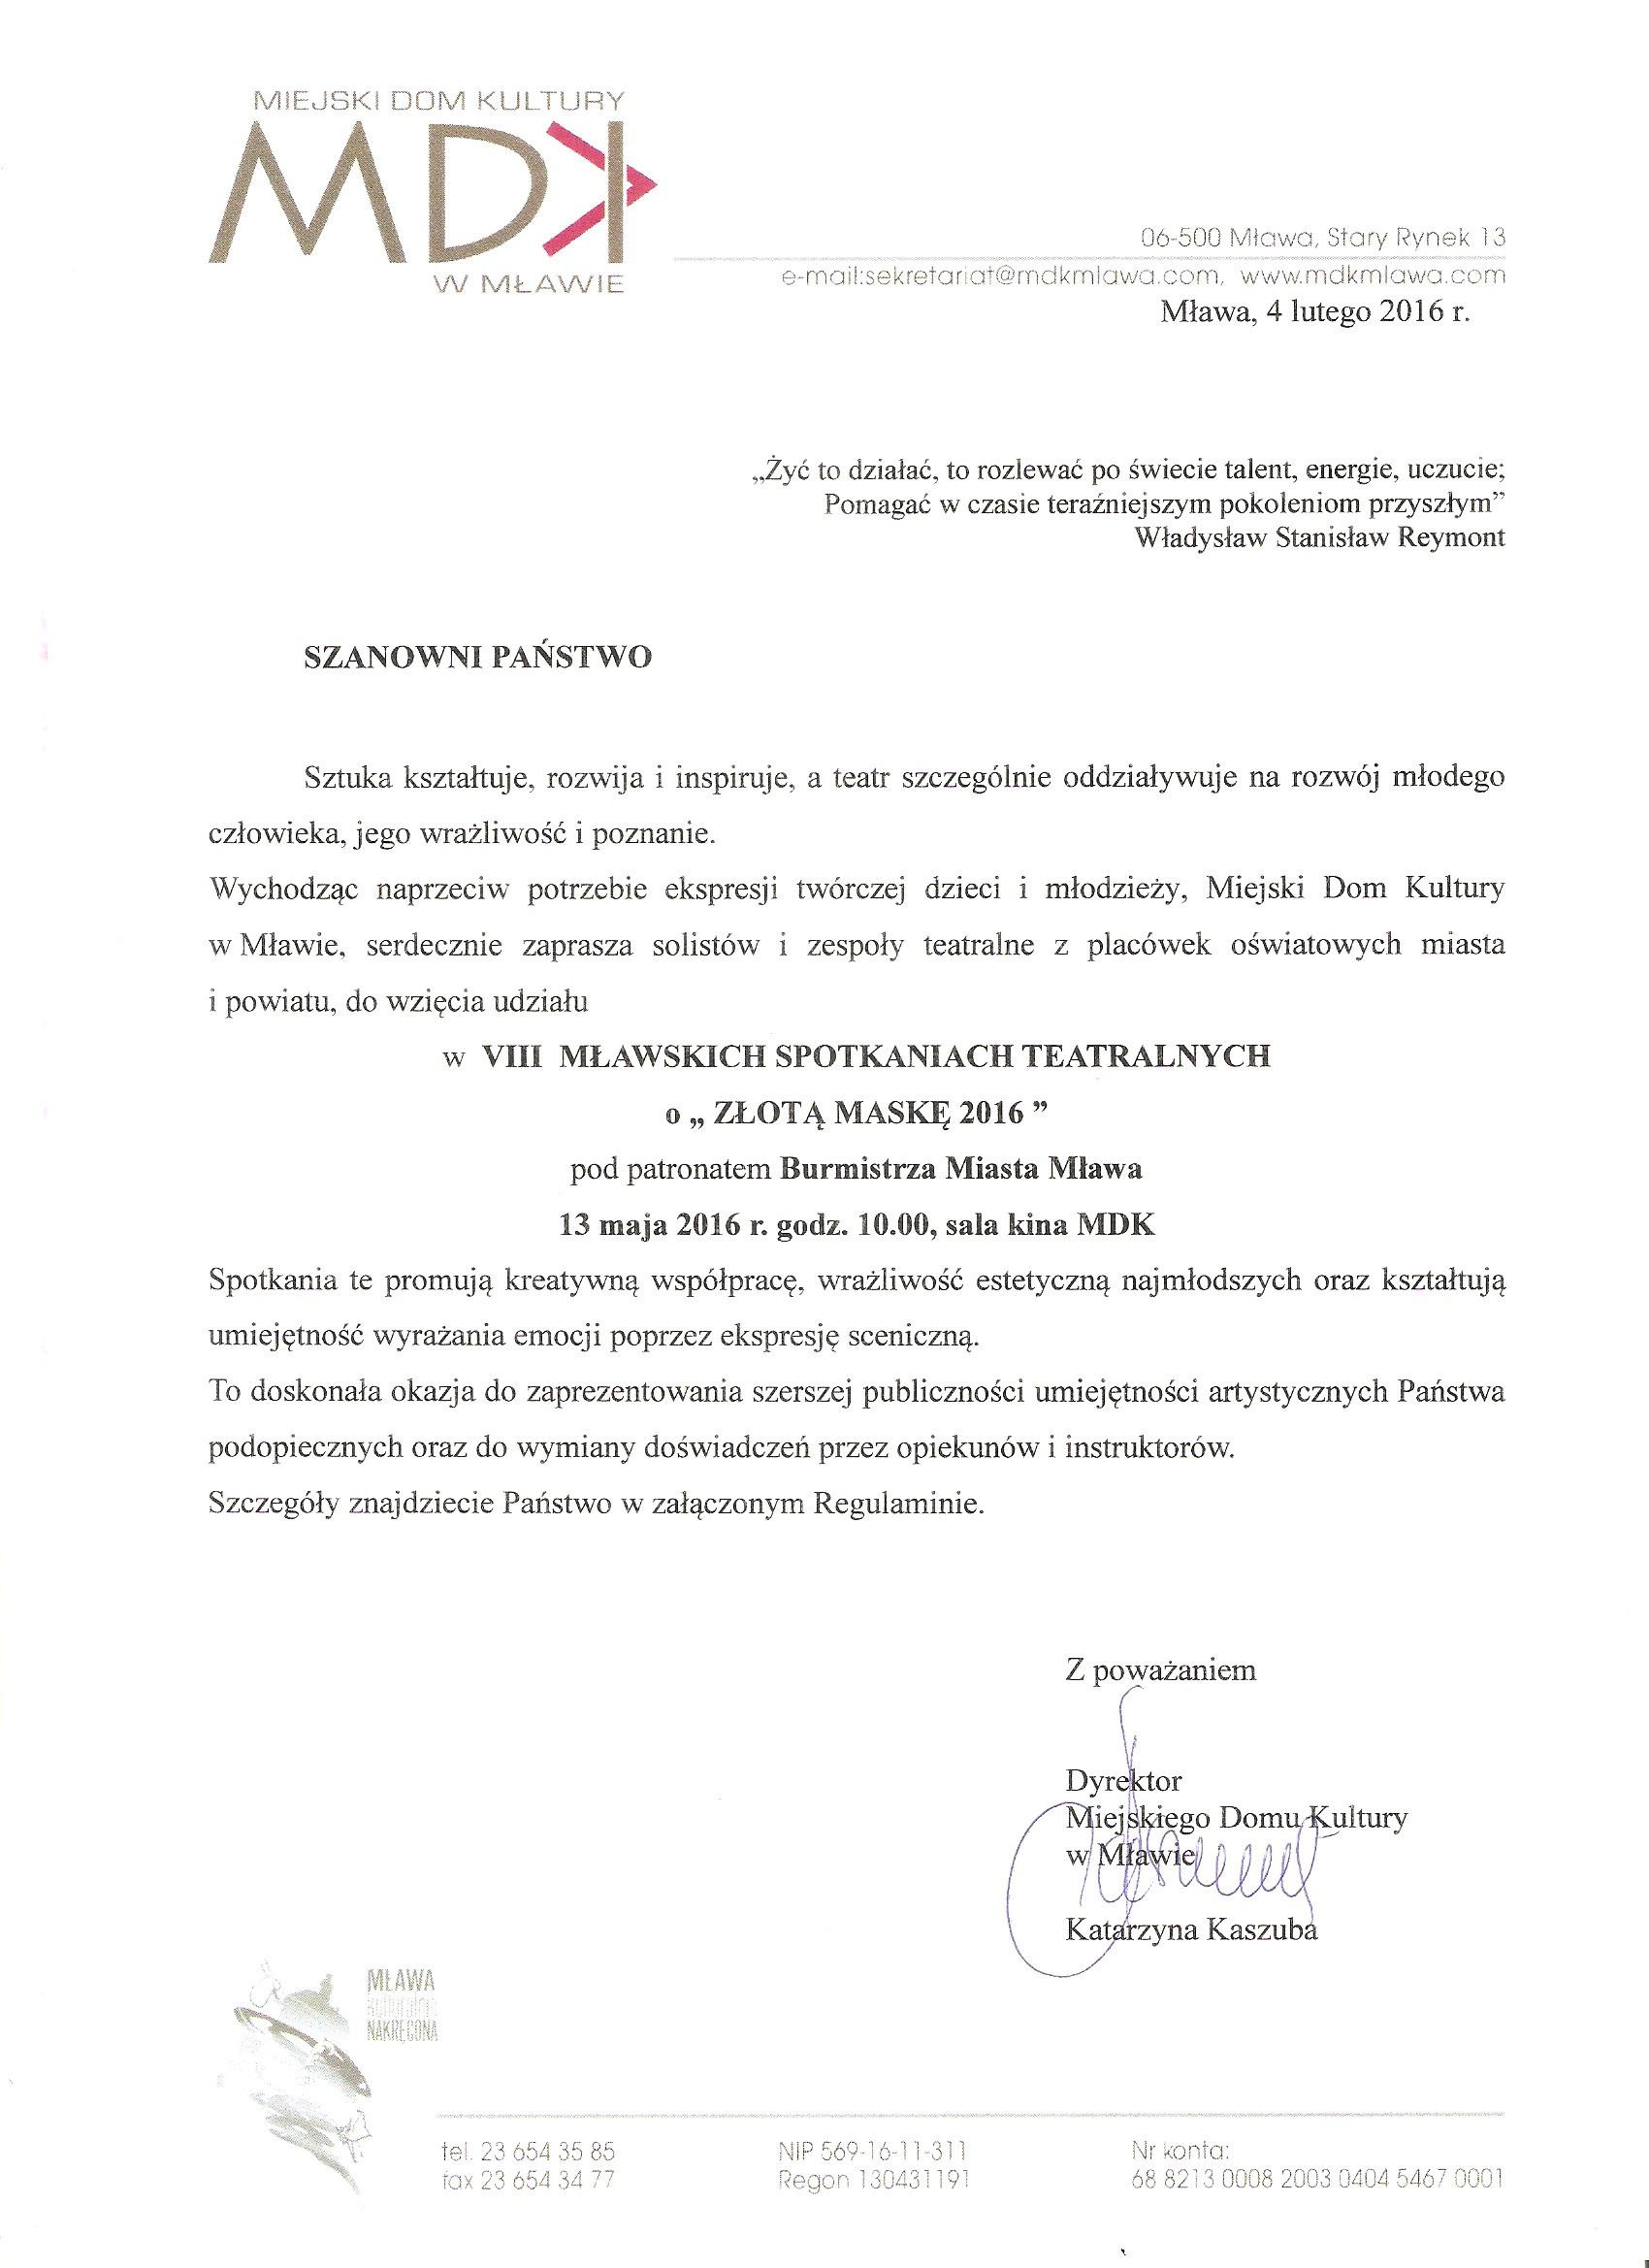 Zlota_Maska_2016p.jpg